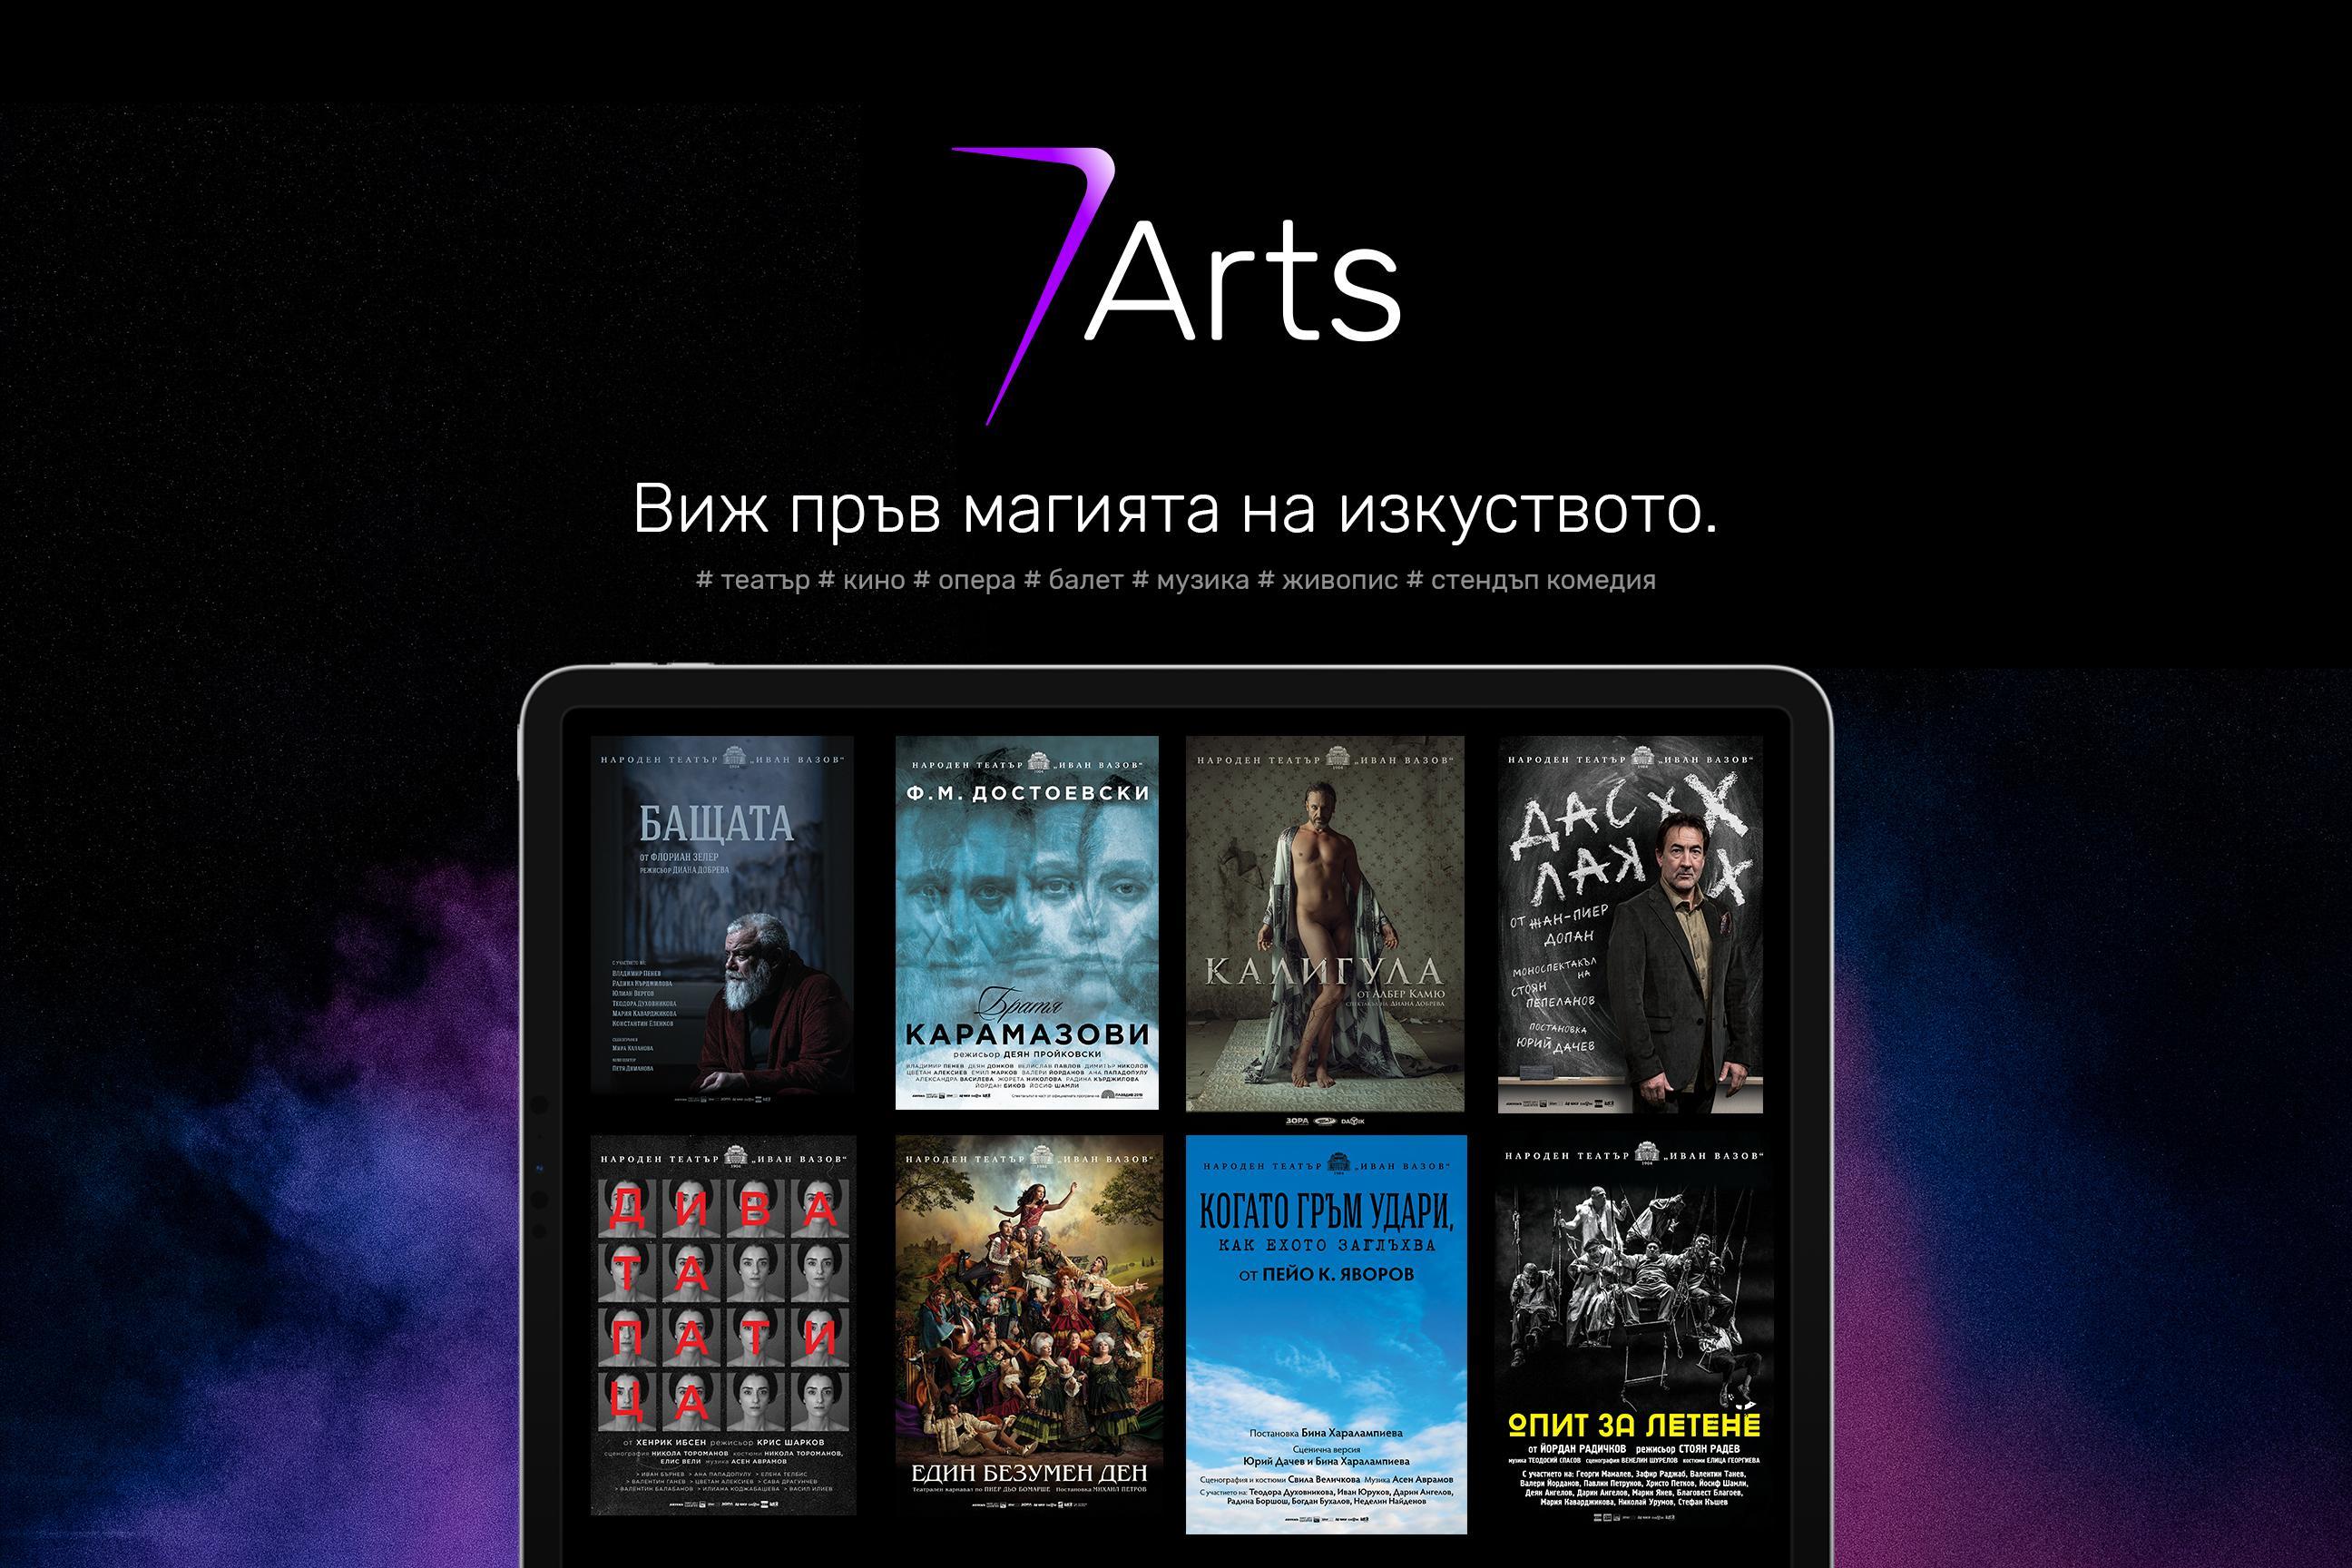 Онлайн платформа за изкуство